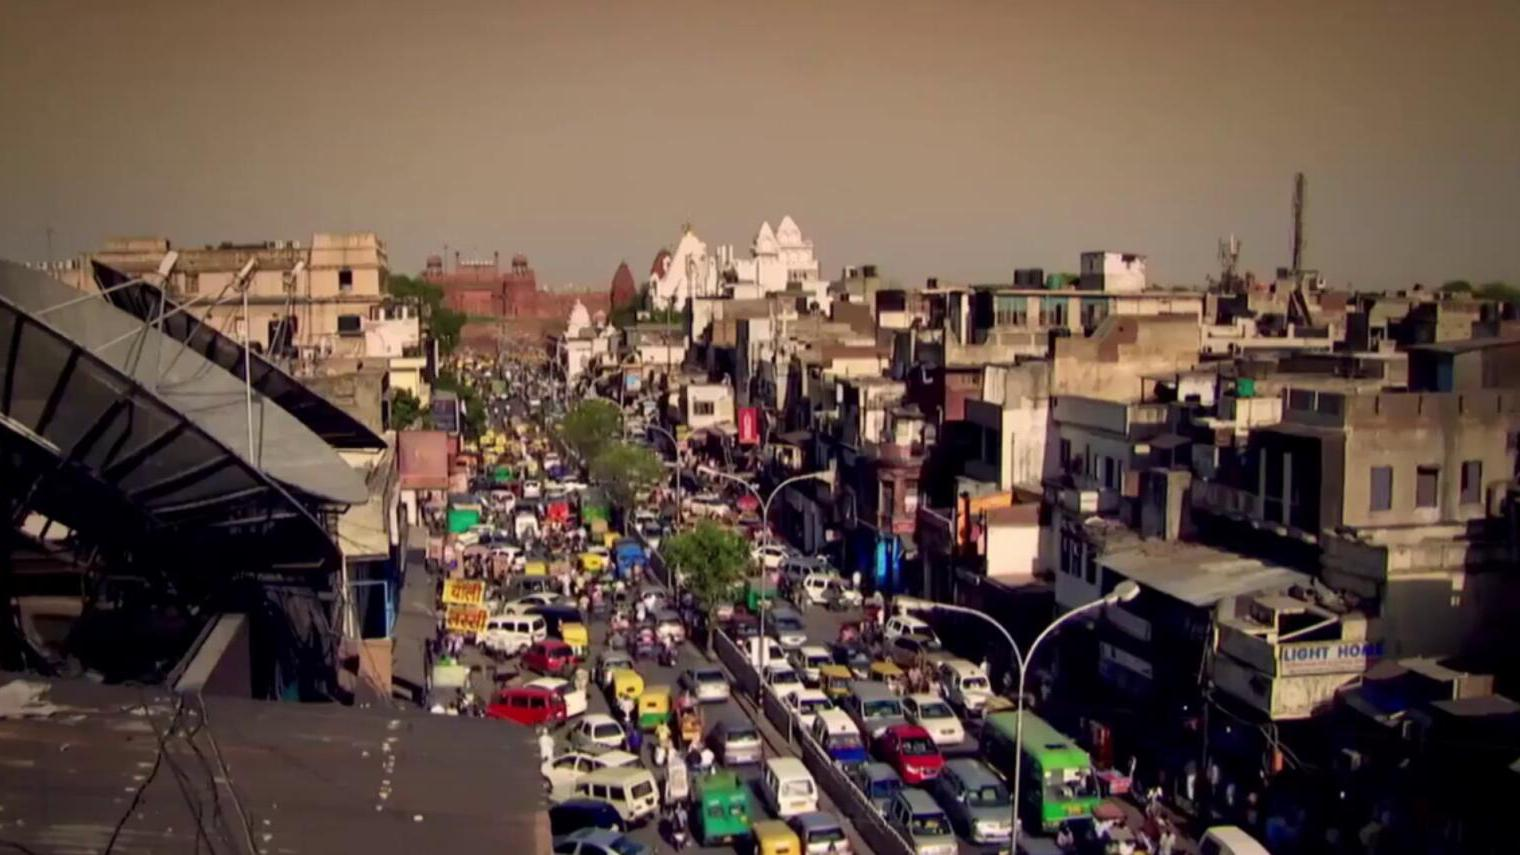 """印度环境污染亮红灯,轻松拿下""""第一"""",空气指数暴涨9倍多!"""